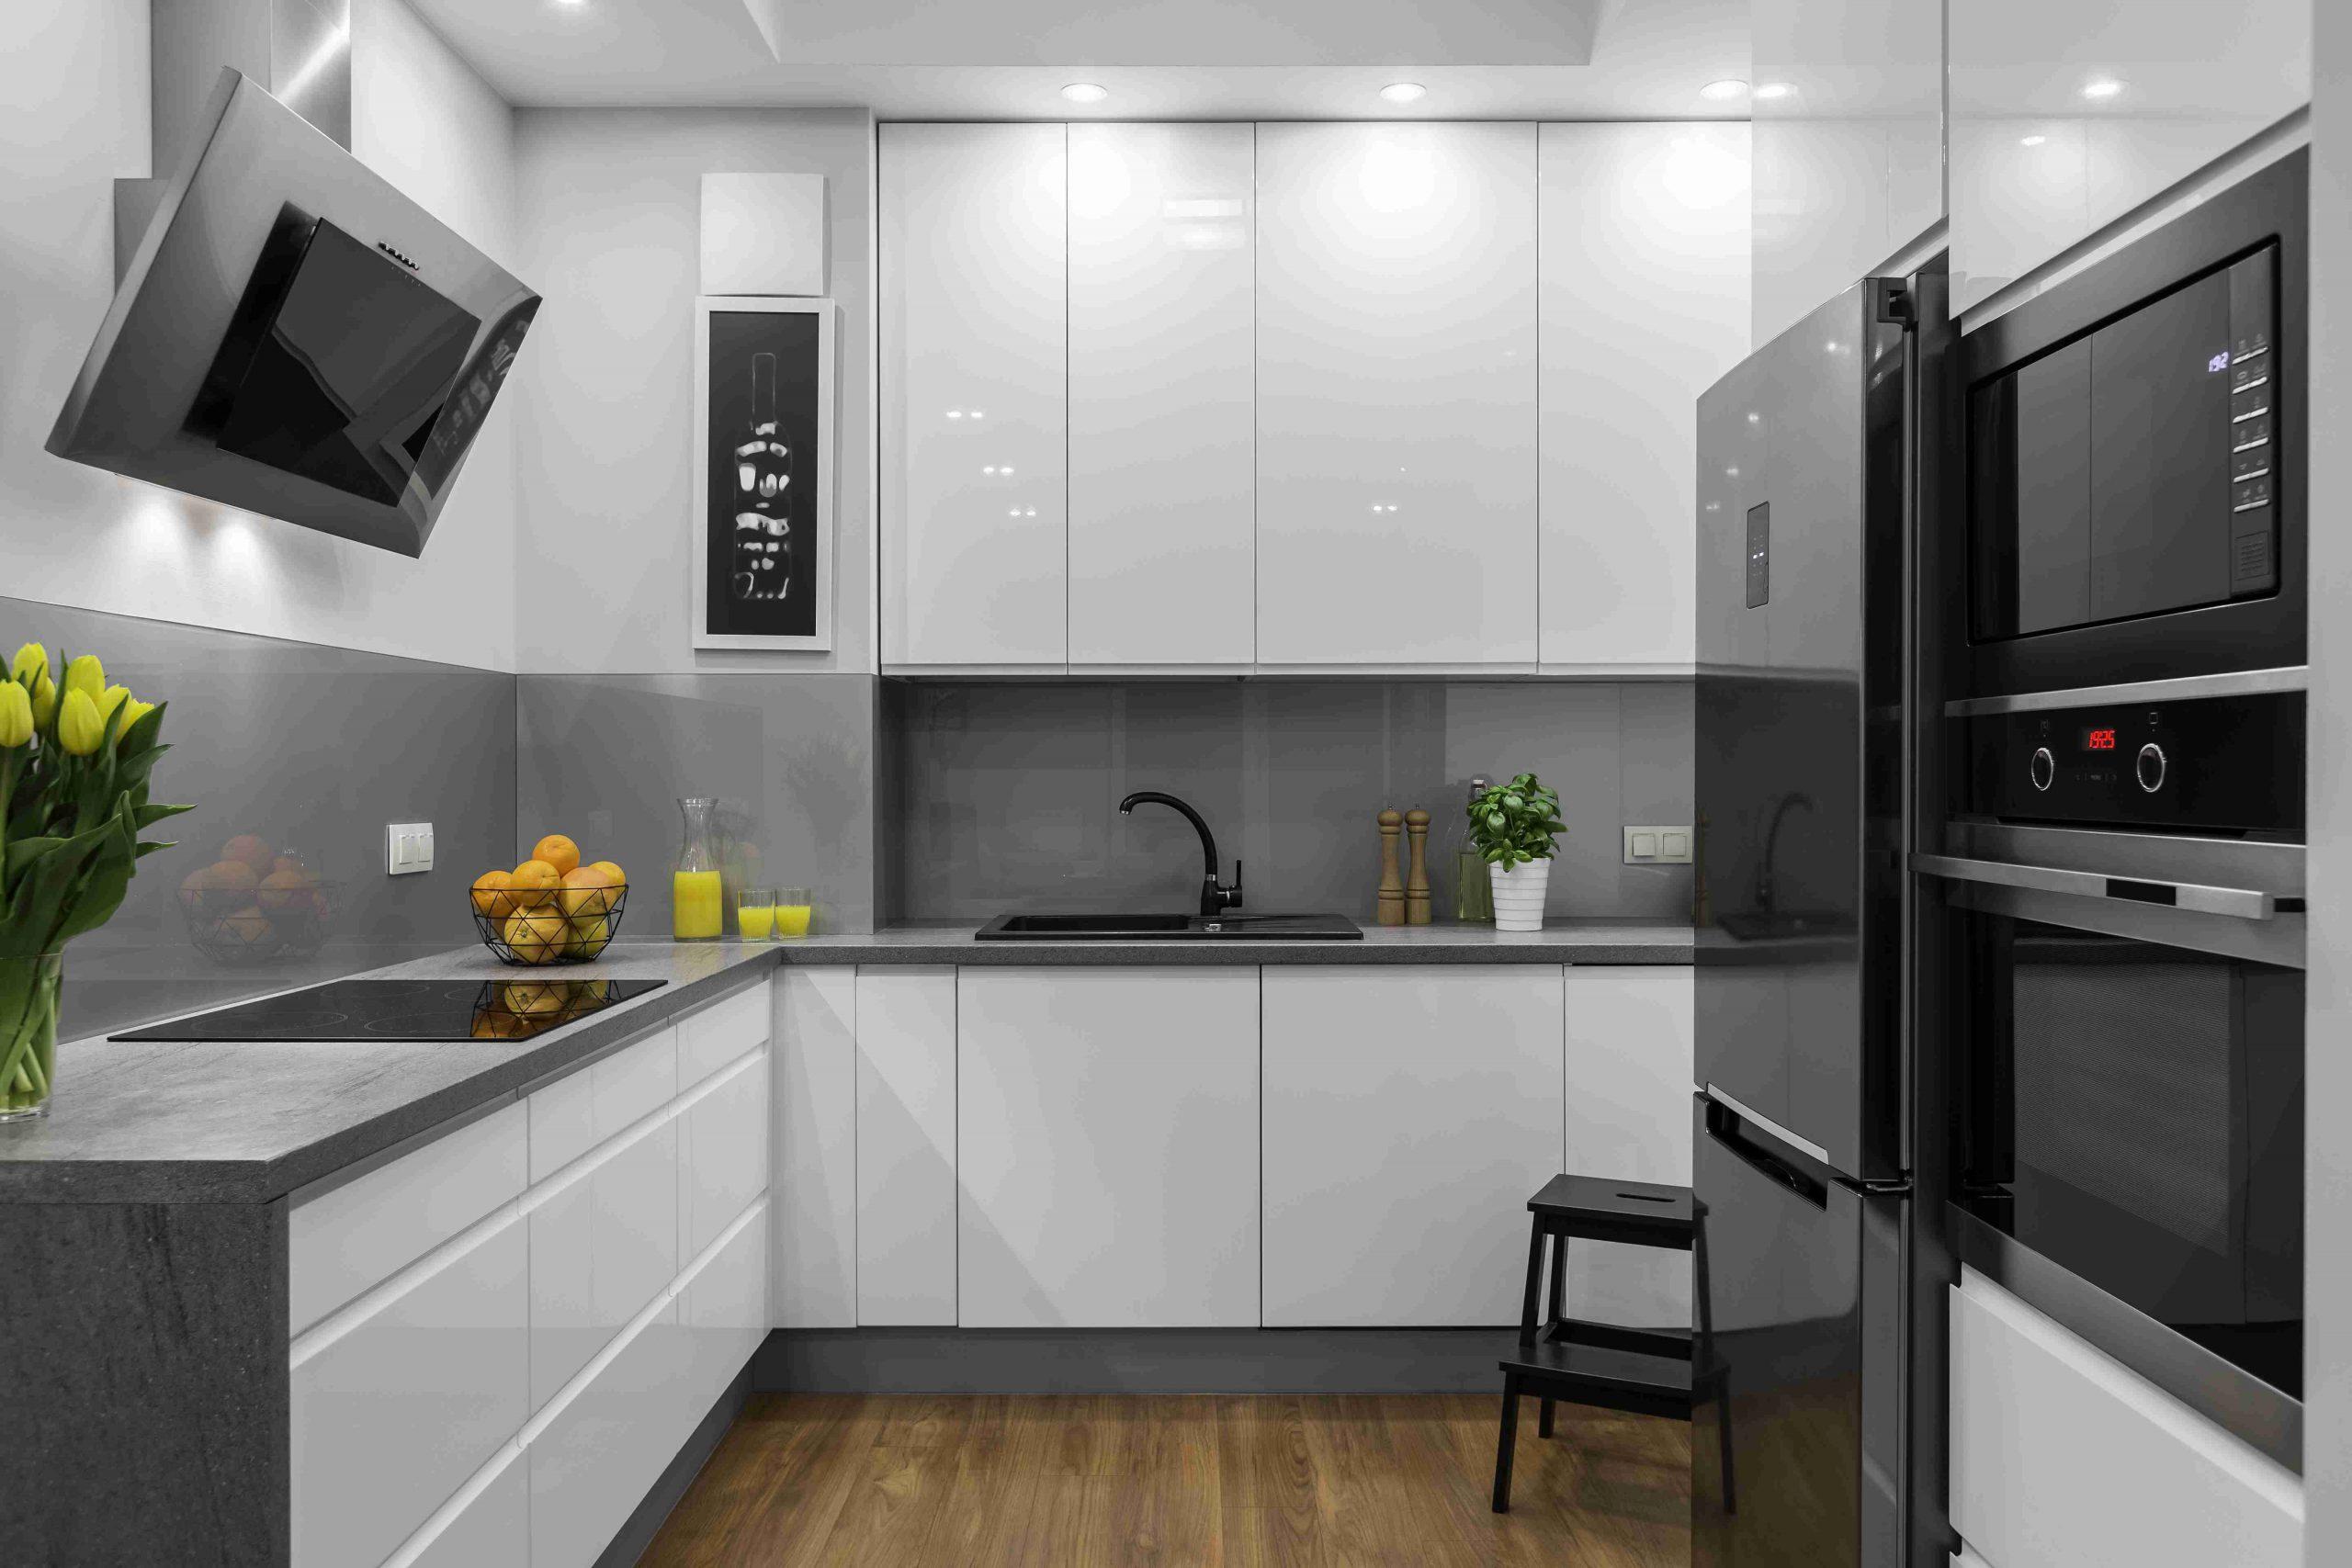 kitchen-refurbishment-small-kitchen-renovation